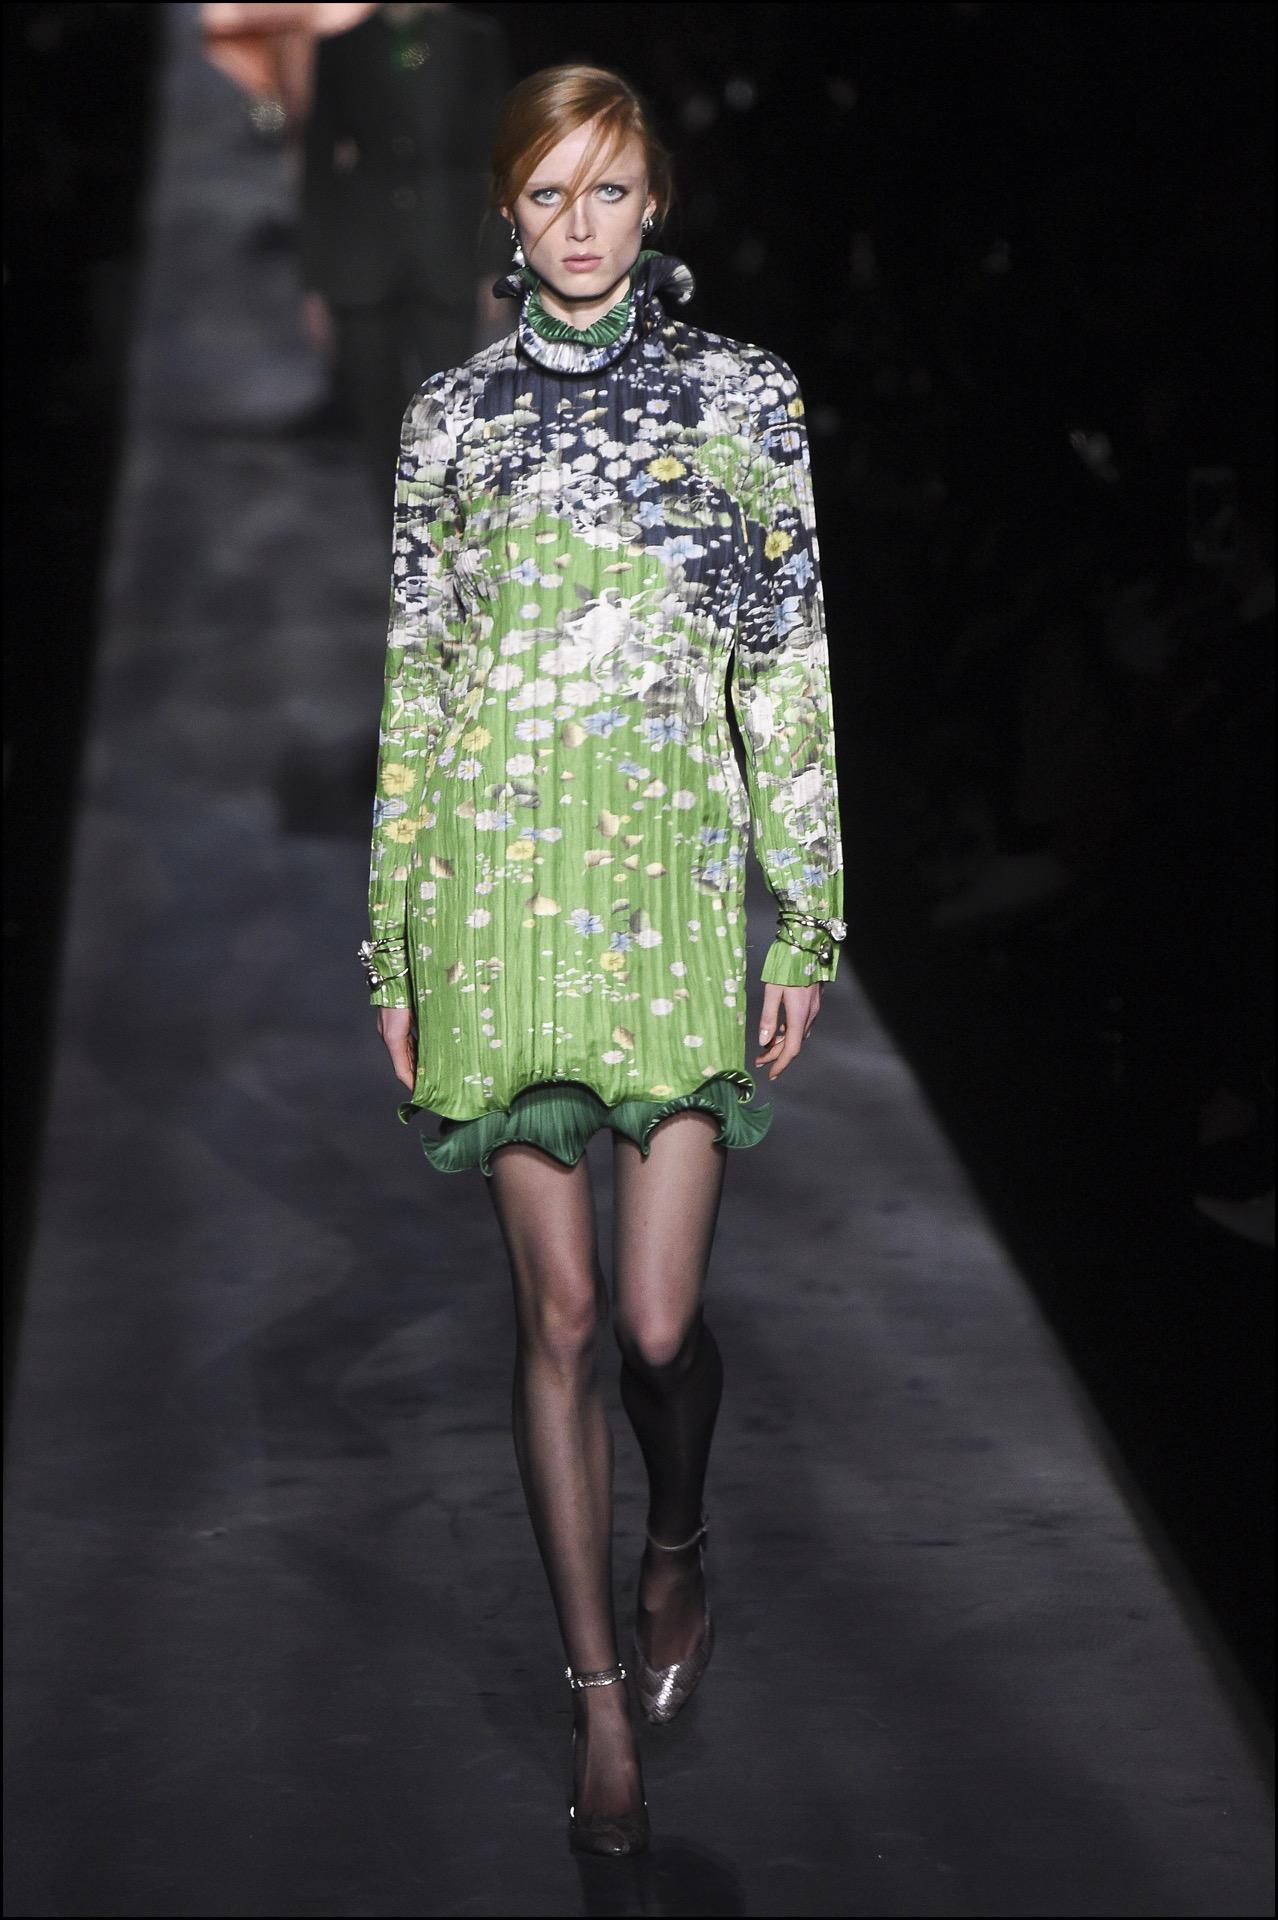 Vestidos cortos con estampas florales, una de las propuestas deGivenchy .